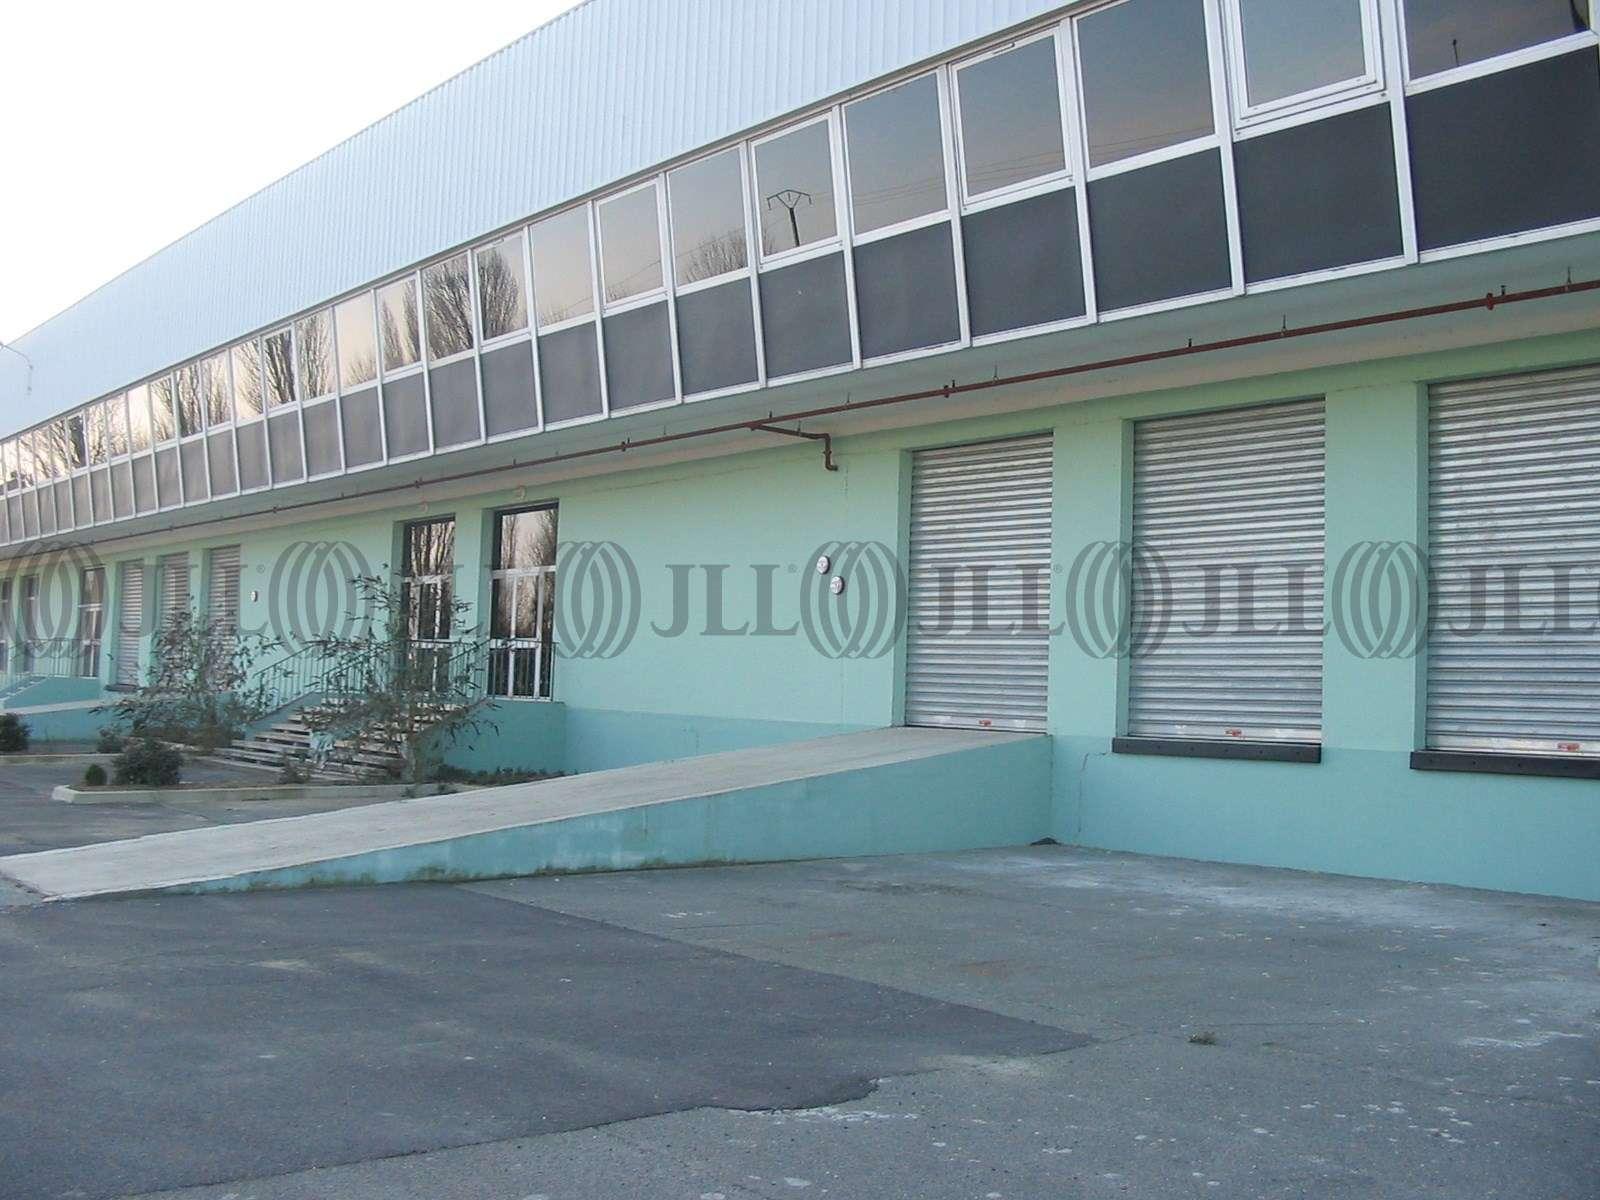 Activités/entrepôt Marly la ville, 95670 - IDF NORD / POLE DE MARLY LA VILLE - 9457367